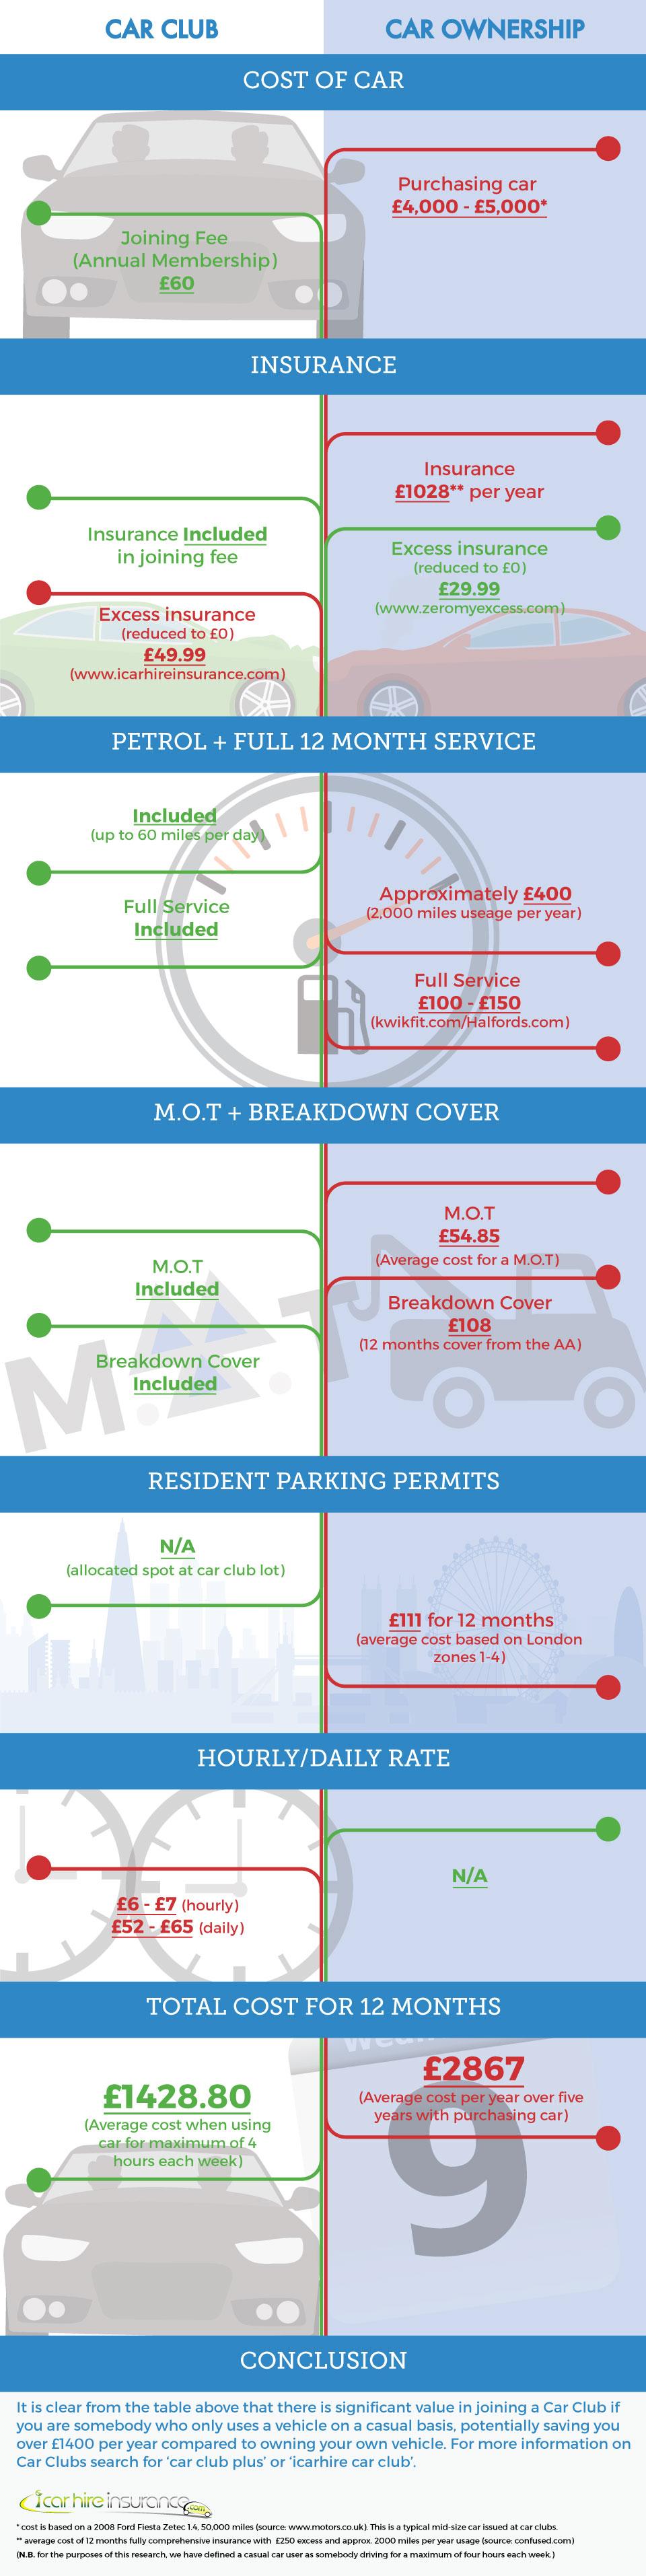 car-club-vs-car-ownership